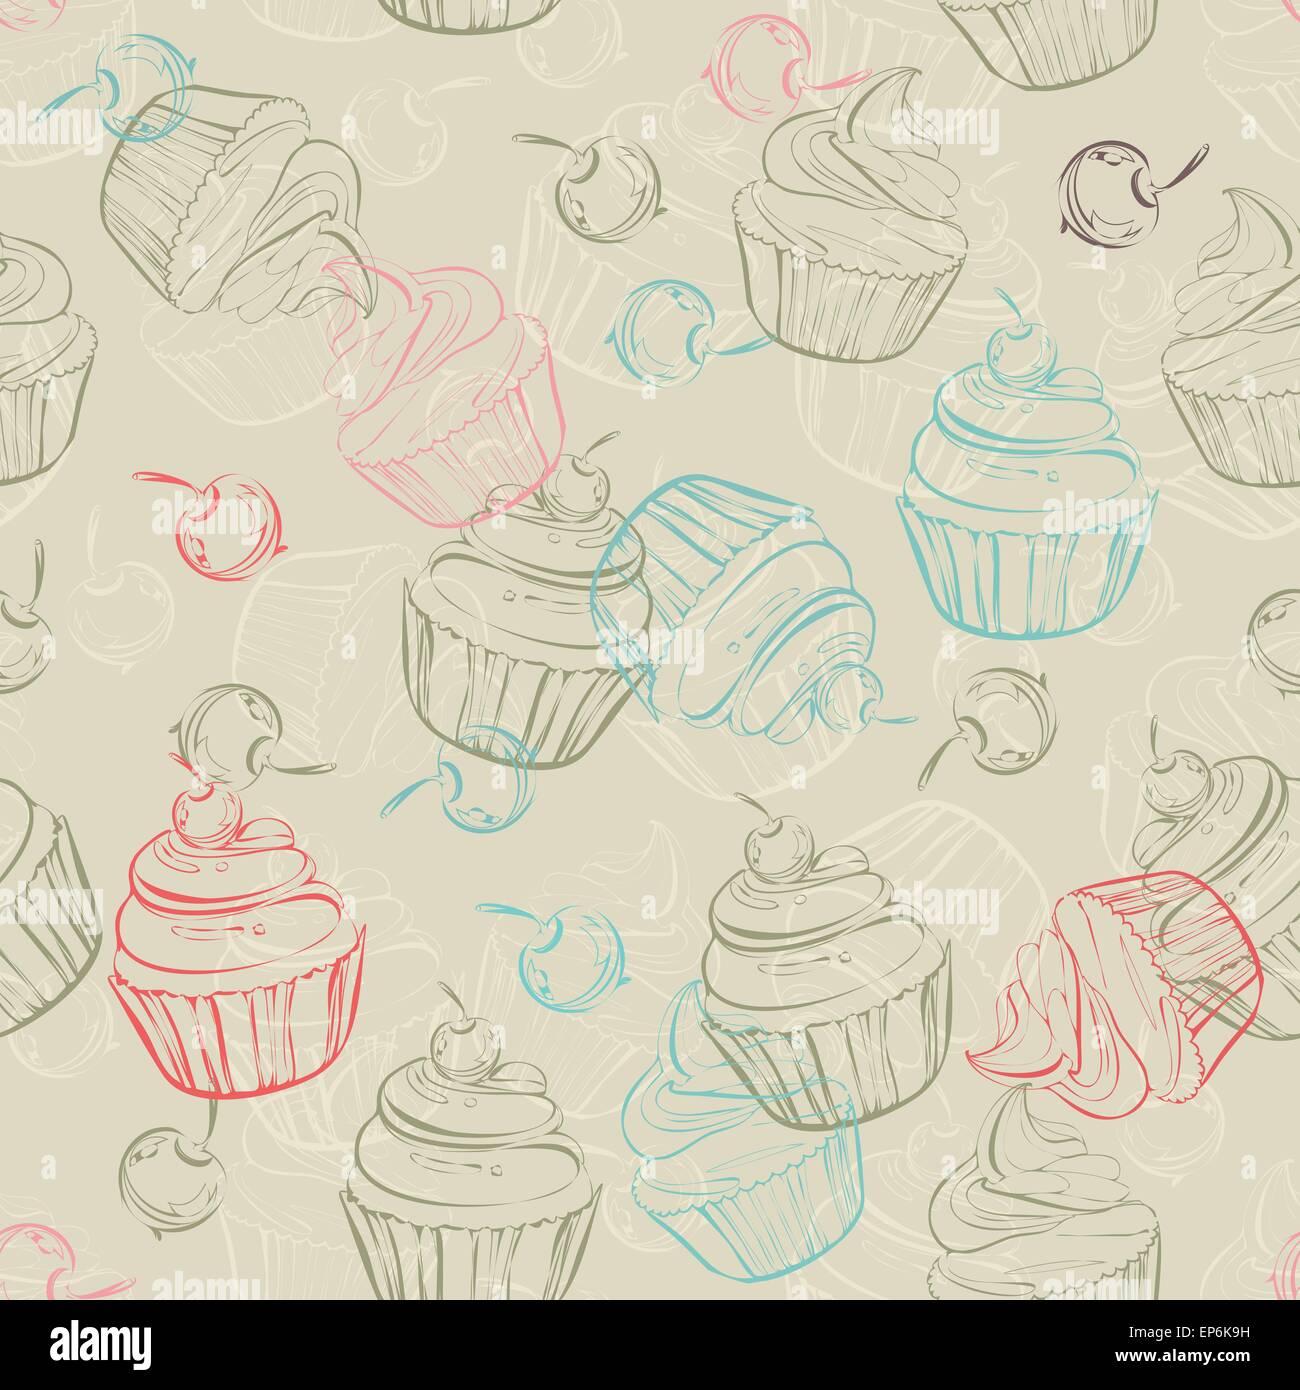 Nahtlose Muster Mit Sussen Muffins Und Beeren Im Vintage Stil